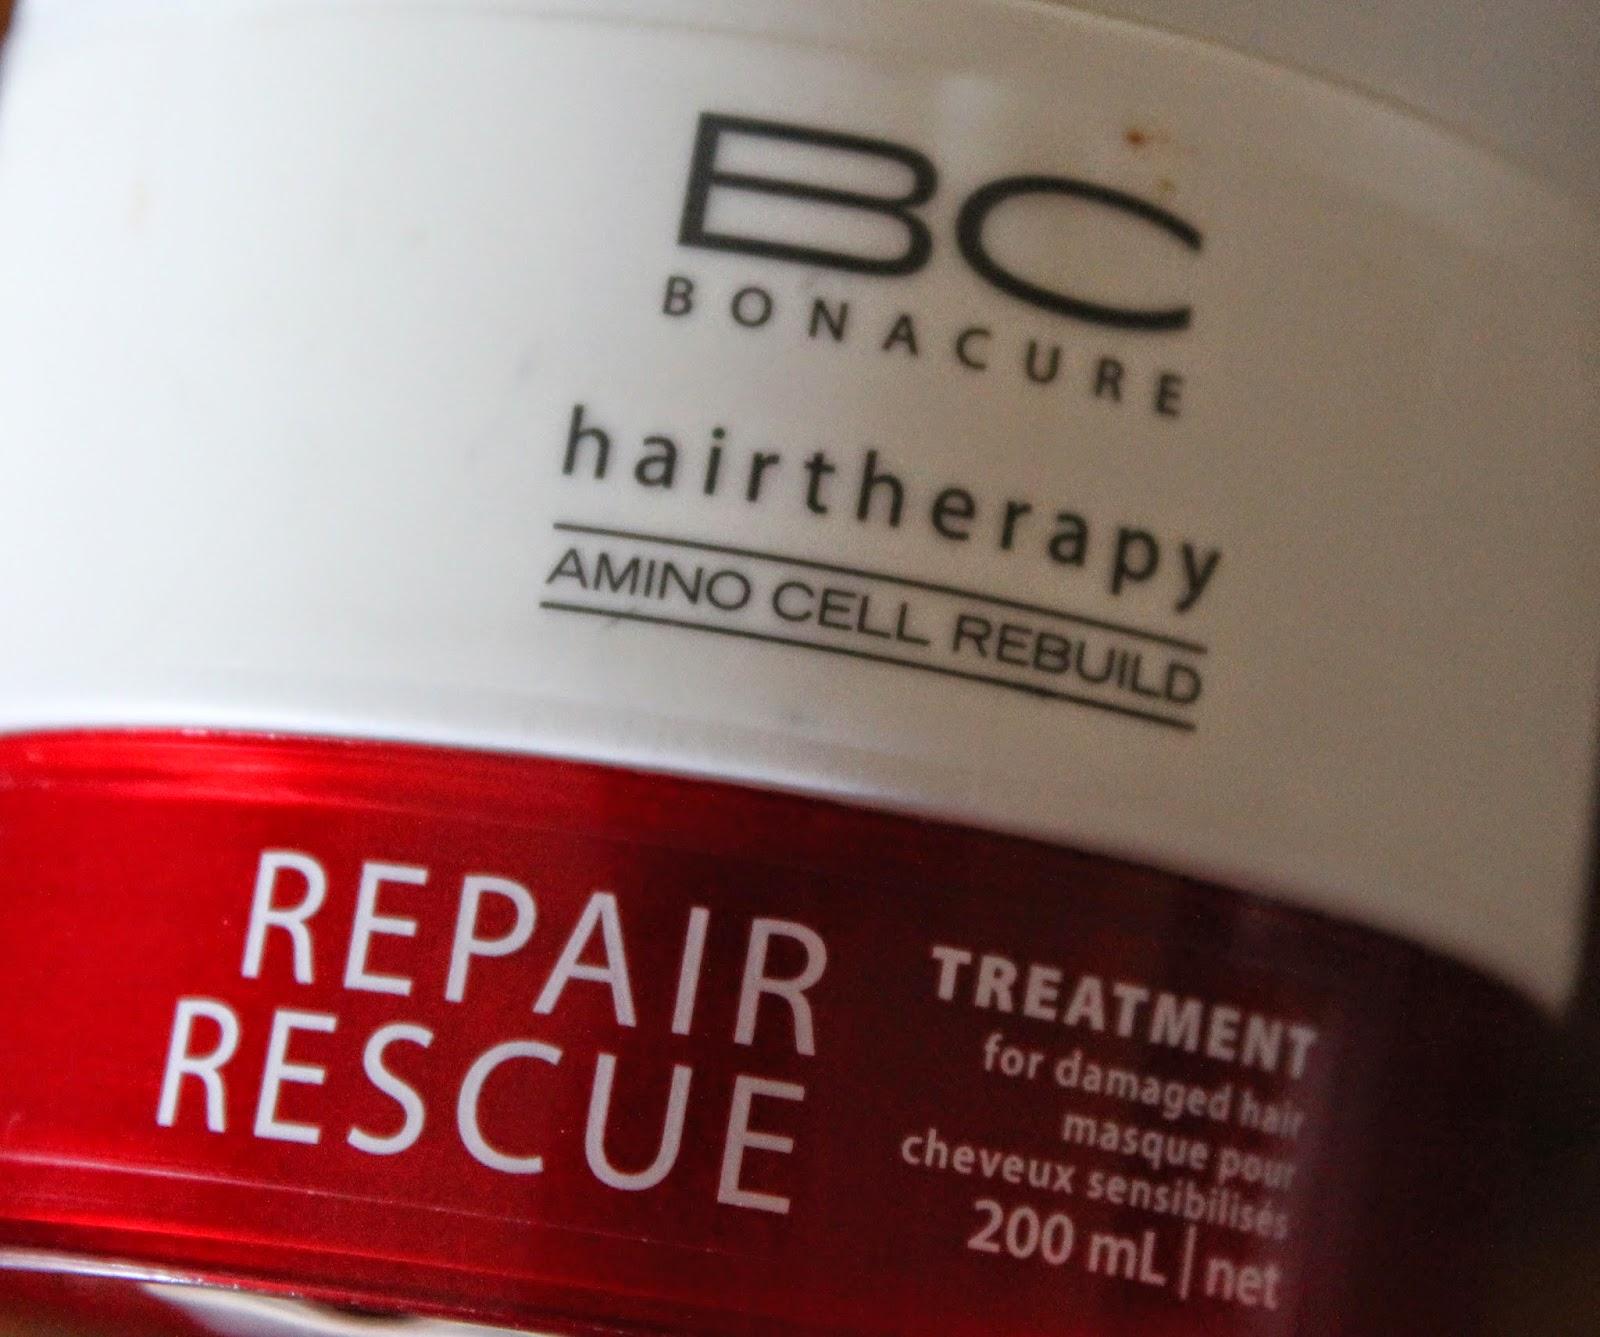 papillonsdonyx blog suisse produits terminés hairtherapy repair rescue schwarzkopf